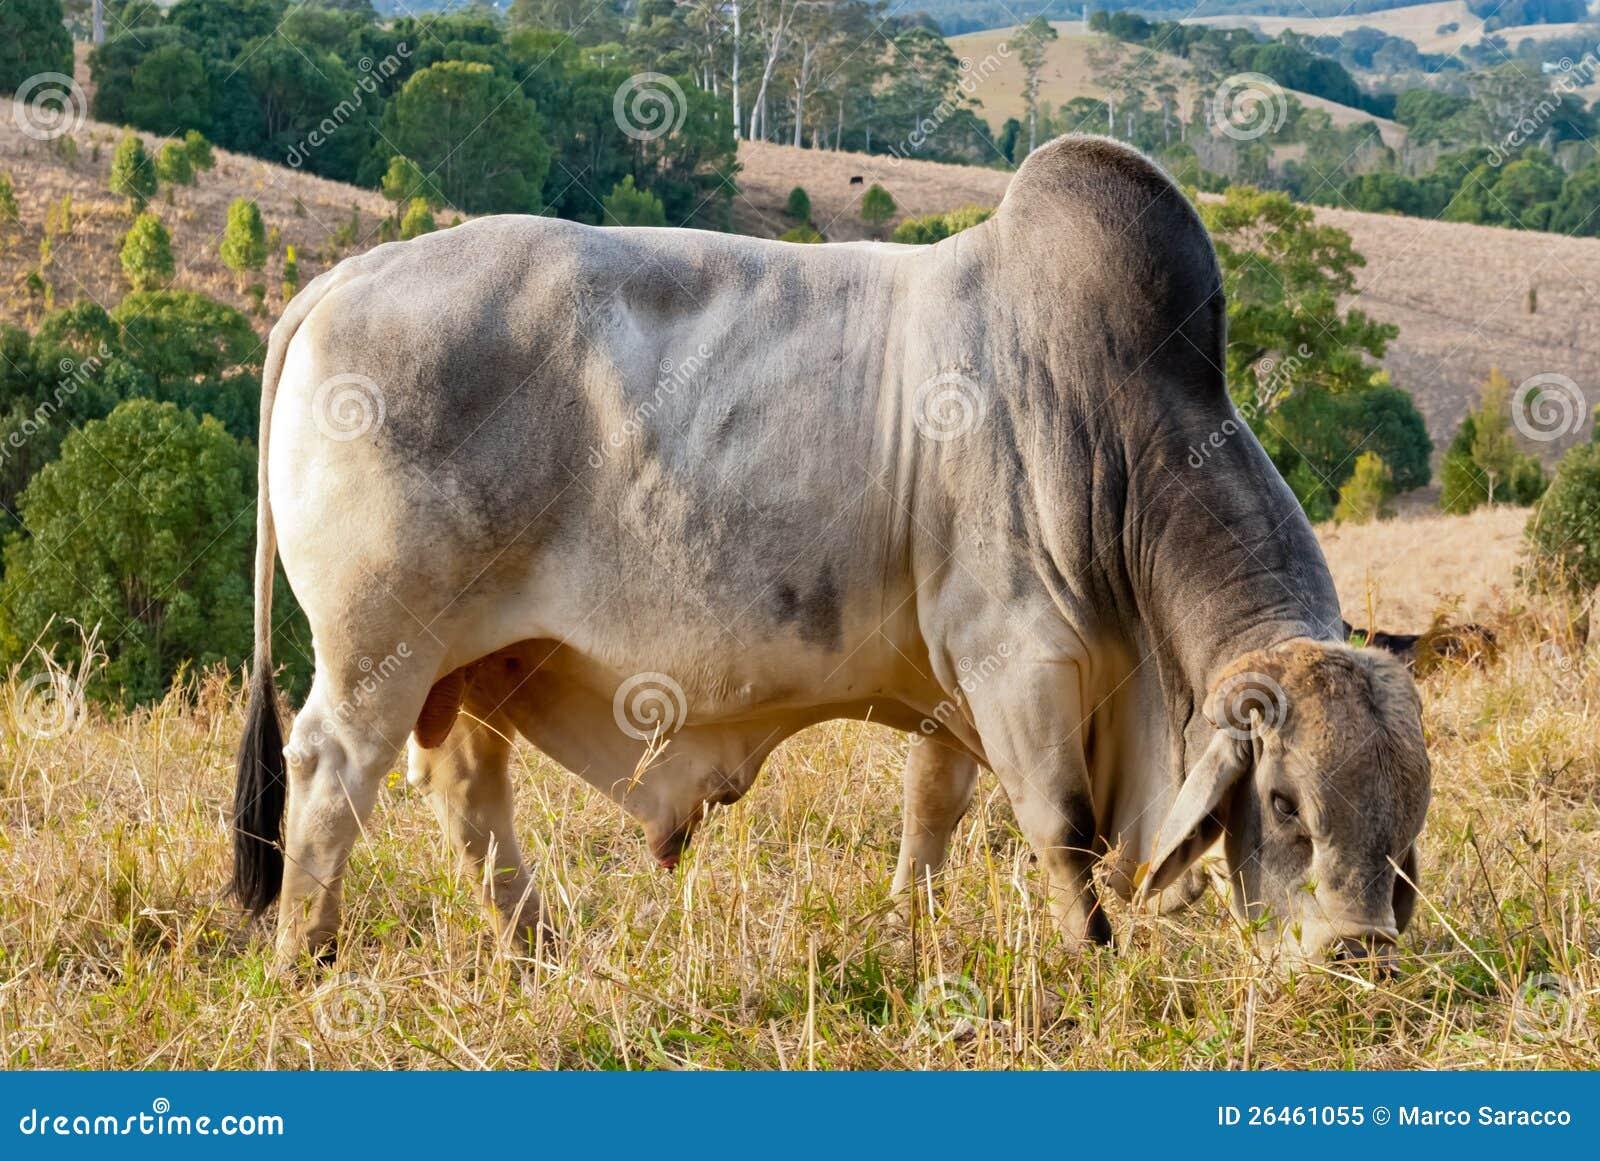 Download Zébu Sauvage Dans Un Horizontal Rural Paisible Image stock - Image du landscaped, culture: 26461055